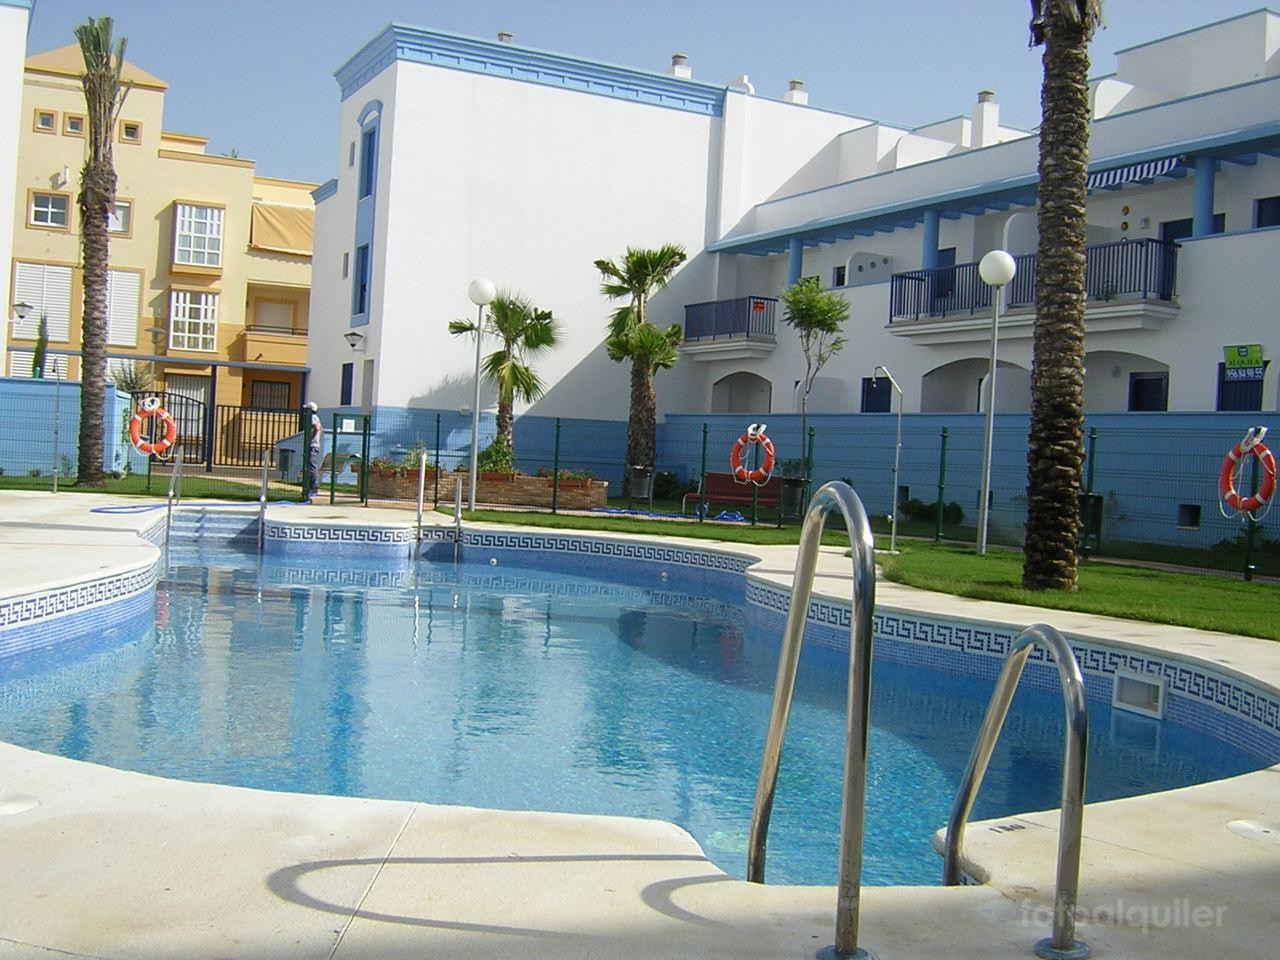 Alquiler de apartamento cerca de la playa en Costa Ballena, Urbanización Vistazul